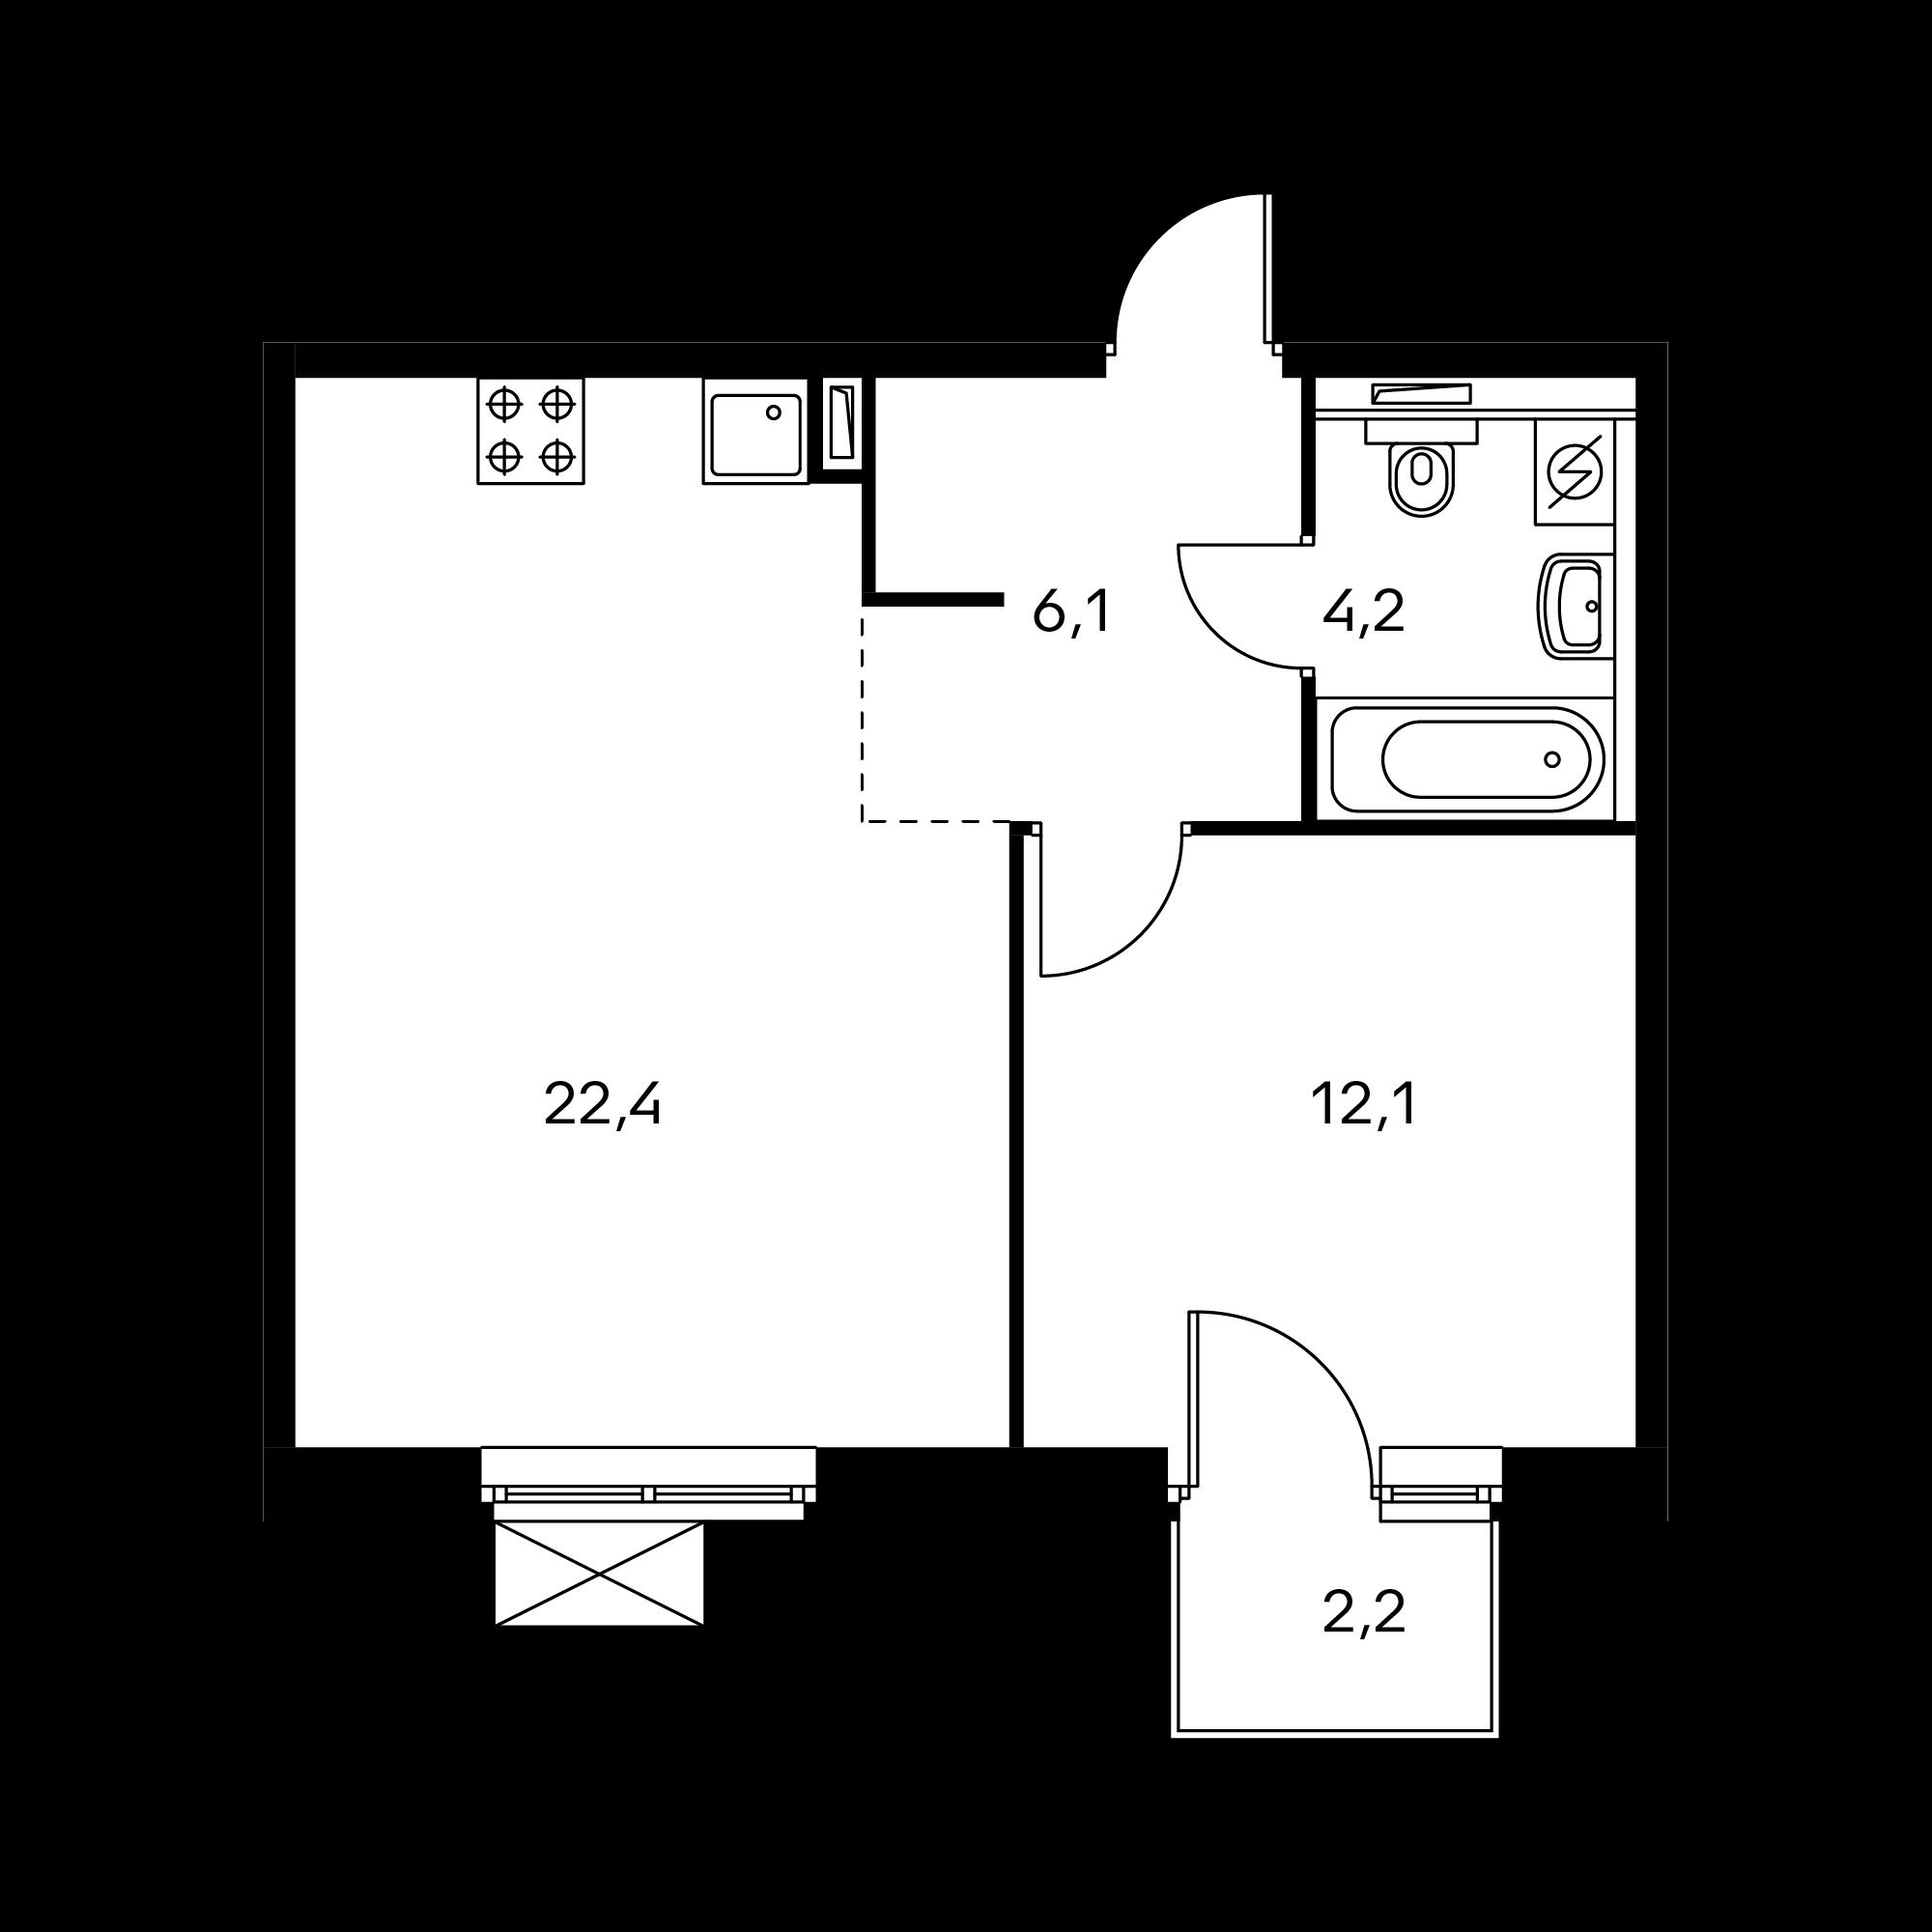 1EL5_7.8-1_B(2,2)